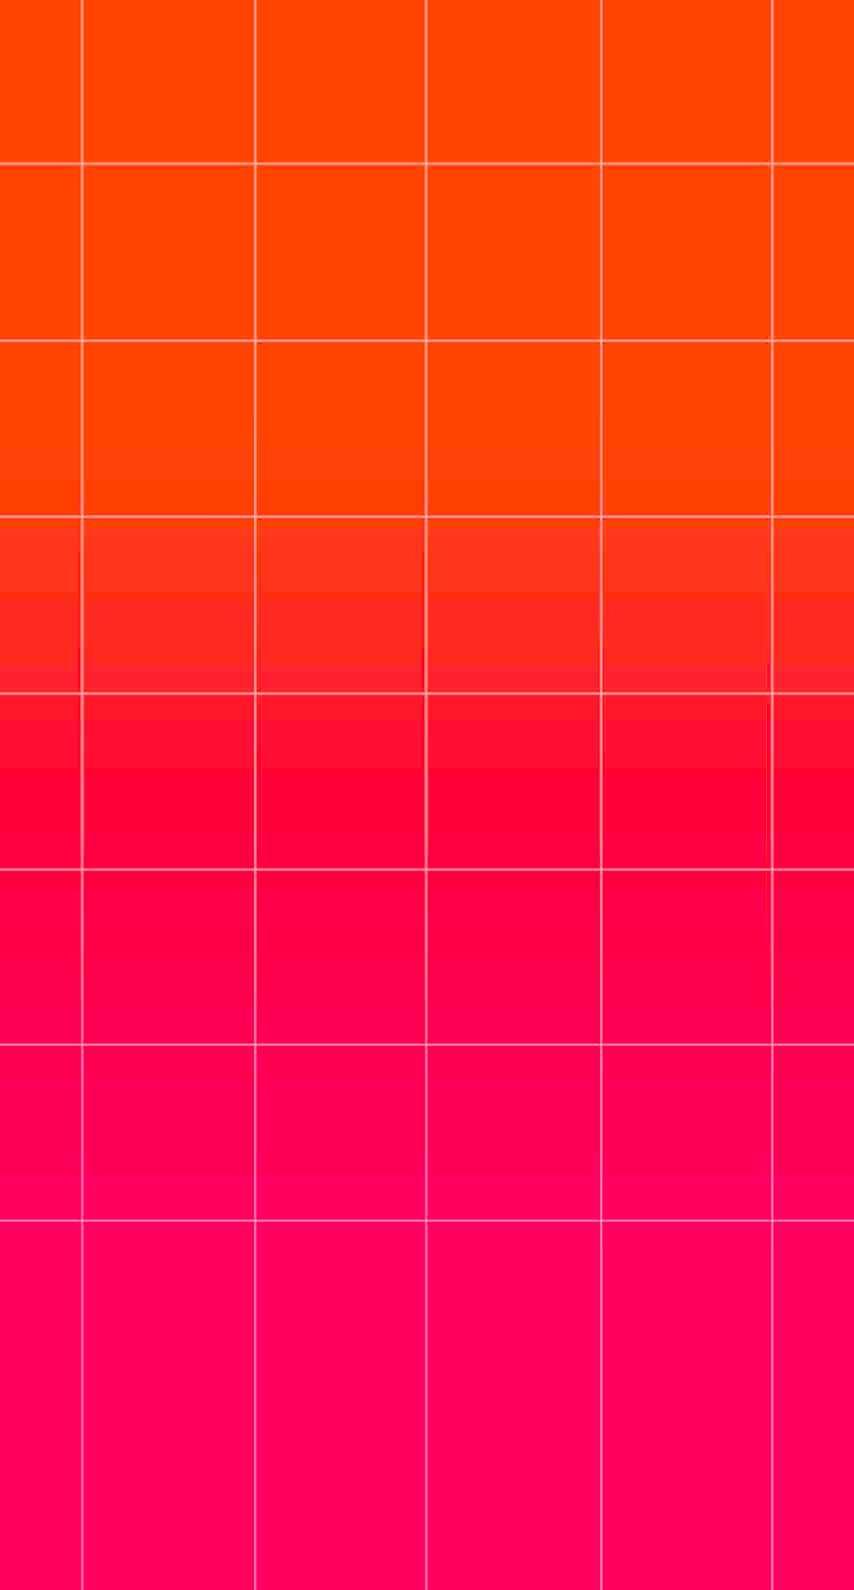 Shelf Red Gradient Borders Wallpaper Sc Iphone6s